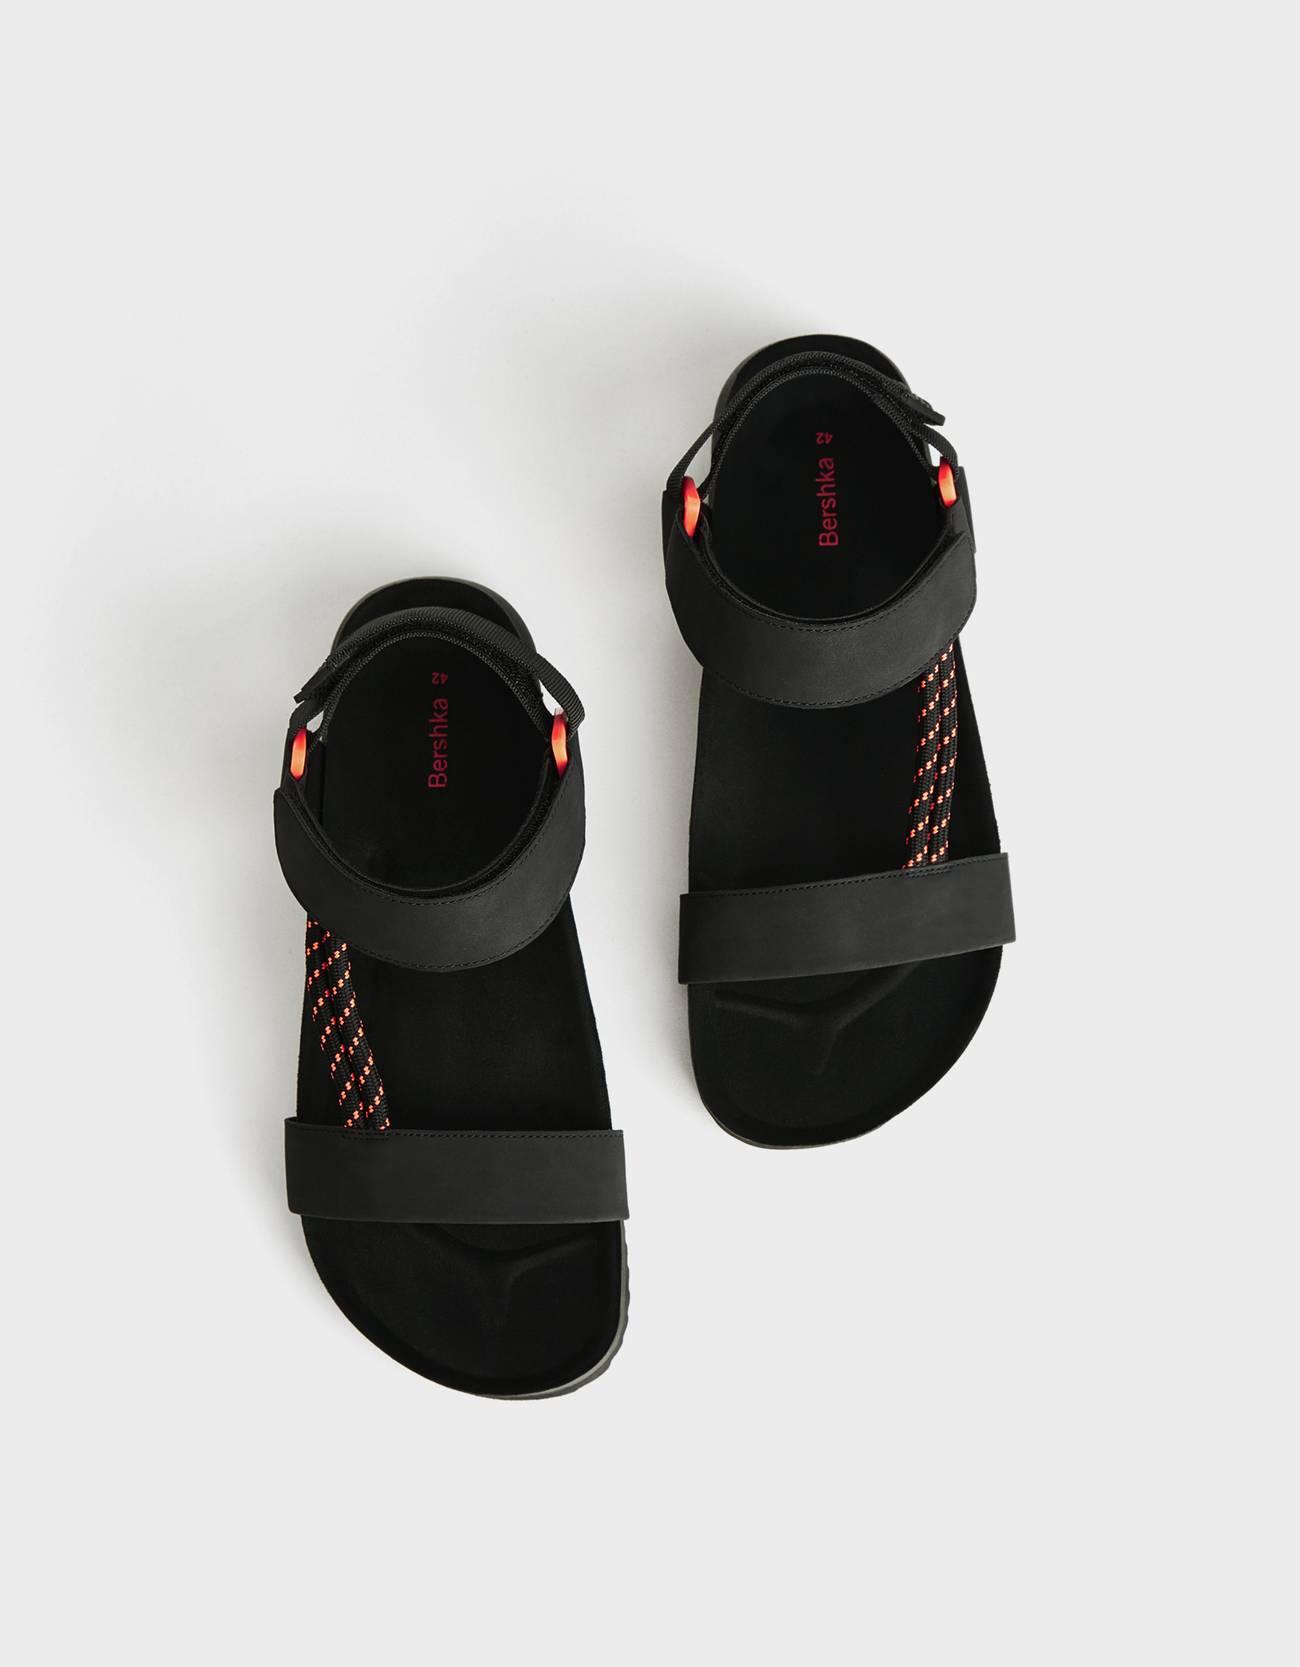 Sandalias ugly con detalles flúor